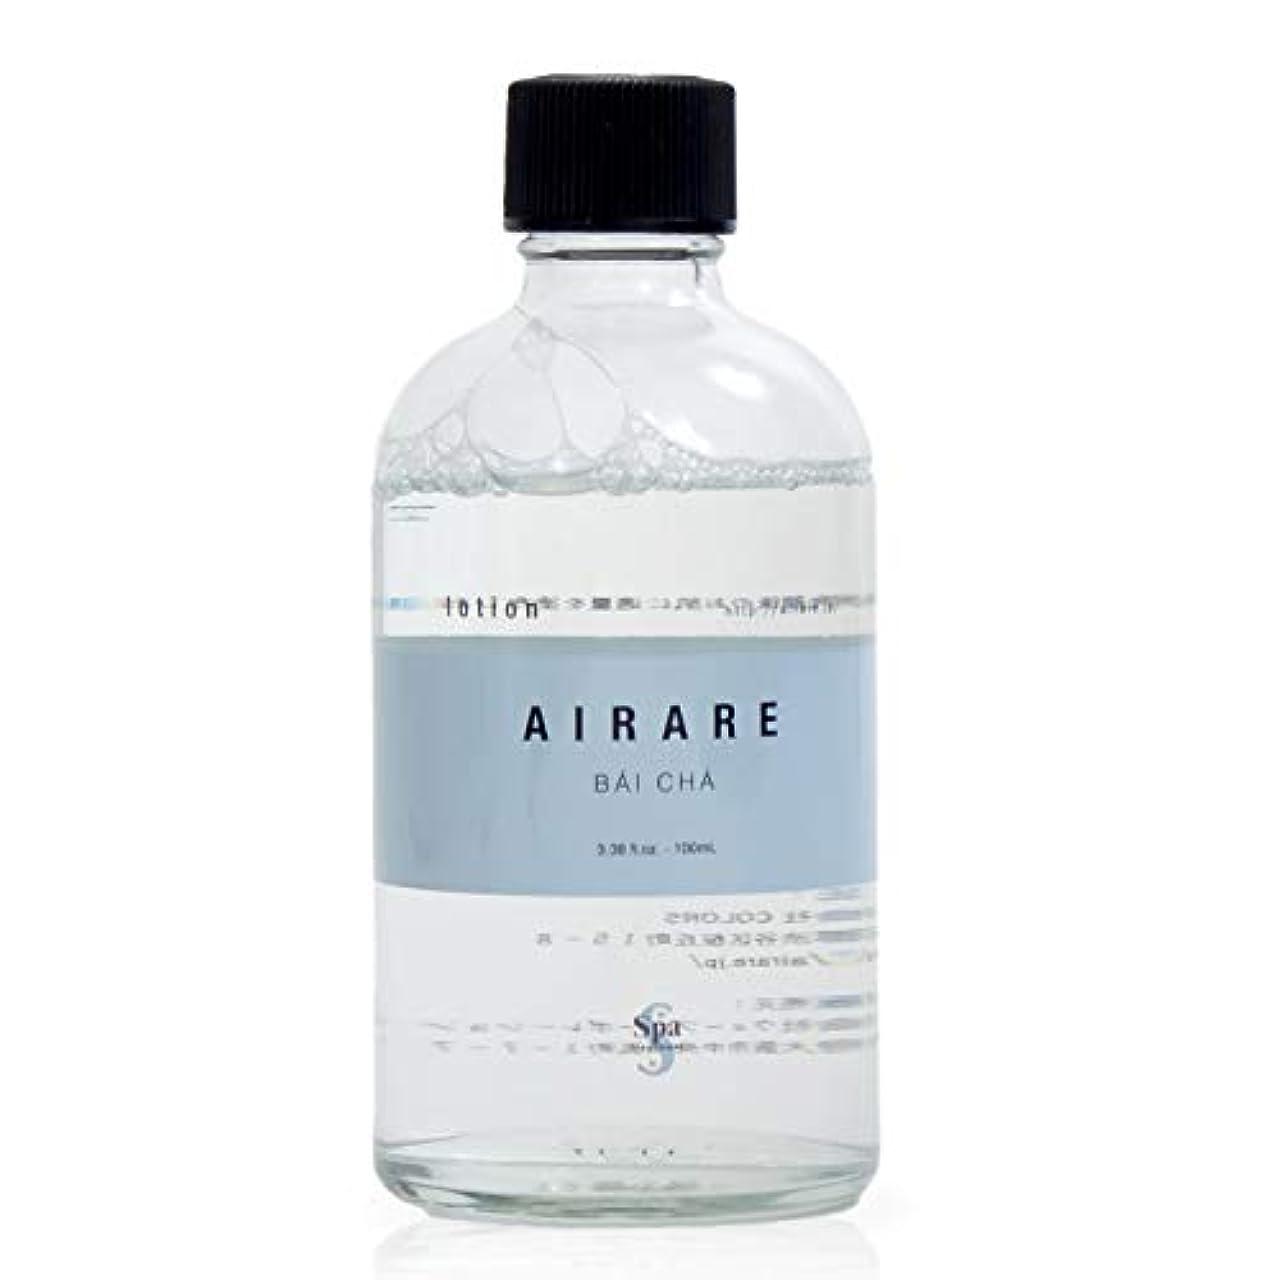 アール ローション 化粧水 AIRARE BAICHA 白茶と豊富なアルプスのミネラルを配合